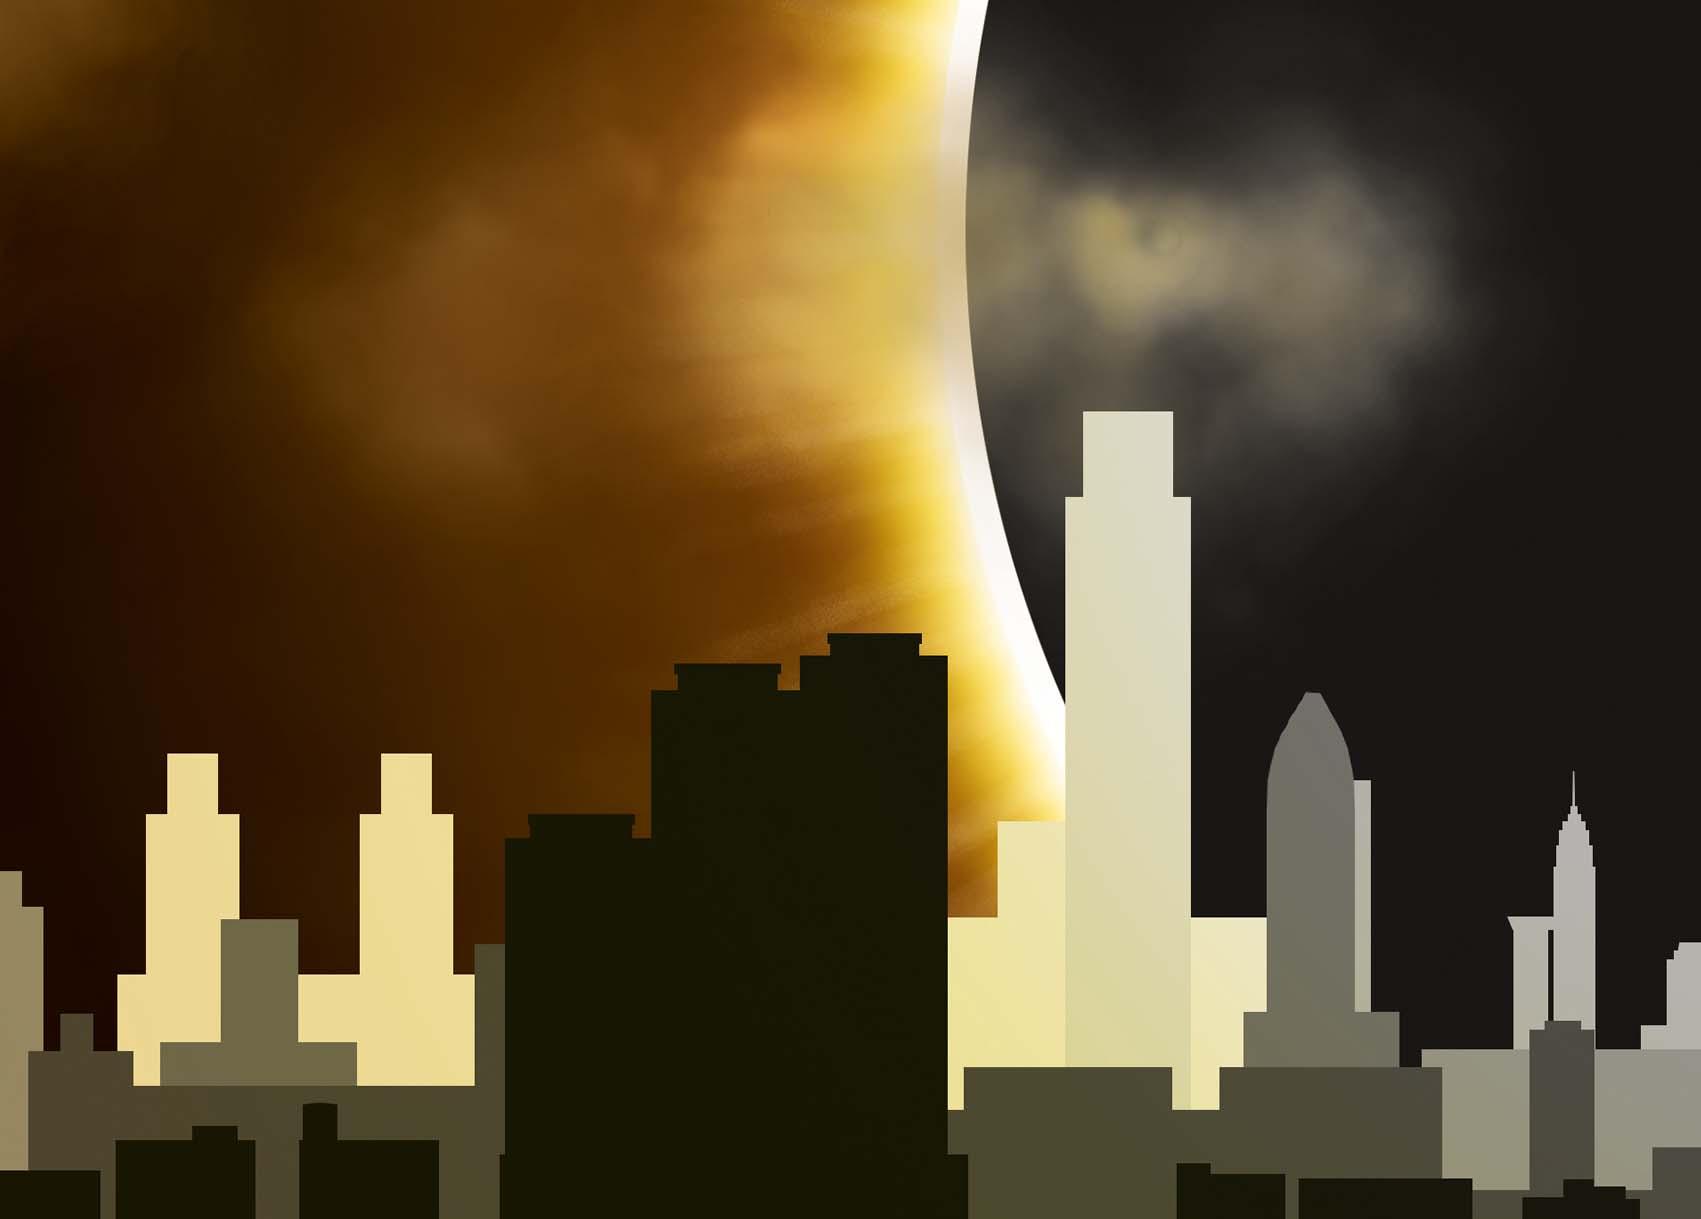 Donkere tijden voor deze stad